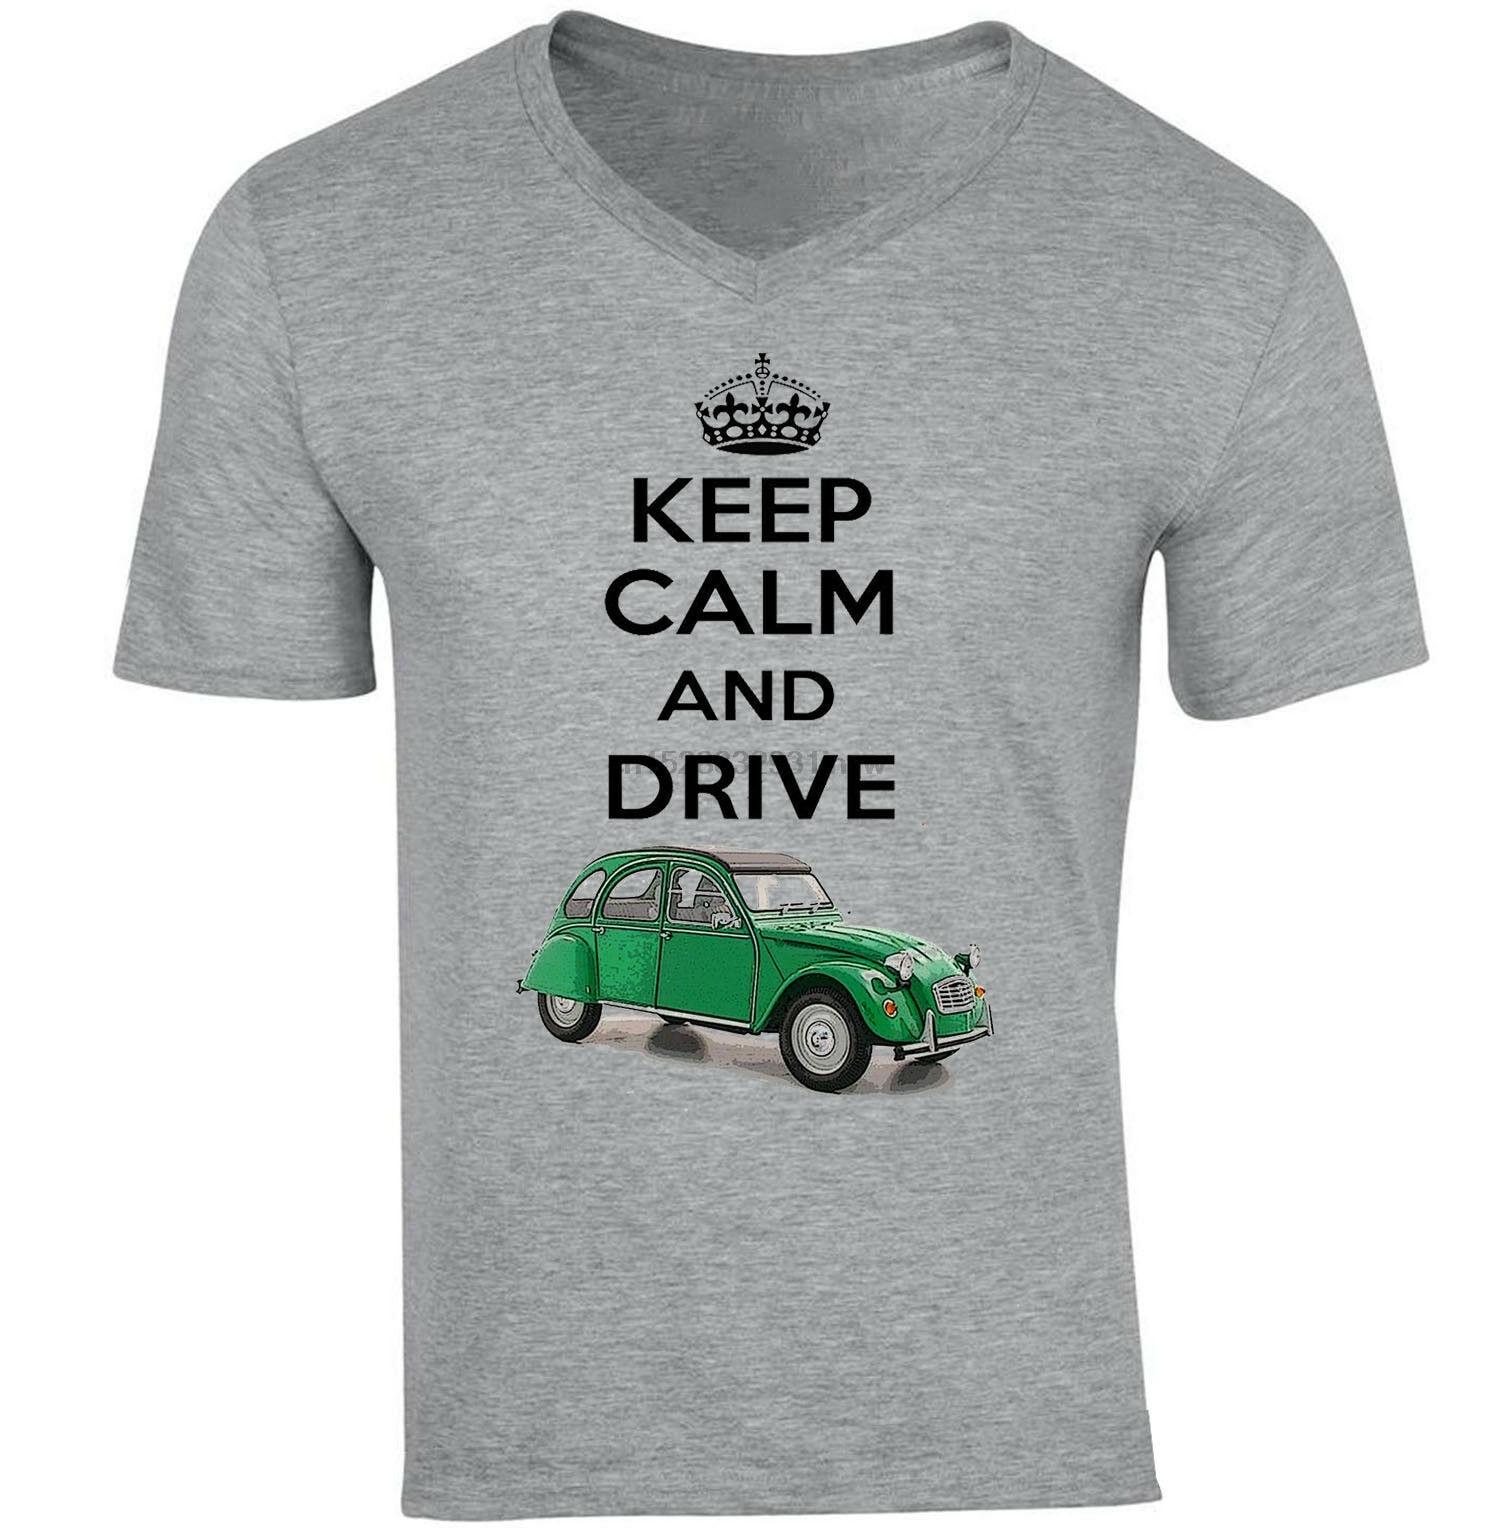 Французская машина 2Cv 1948 Keep Calm-новая хлопковая серая футболка